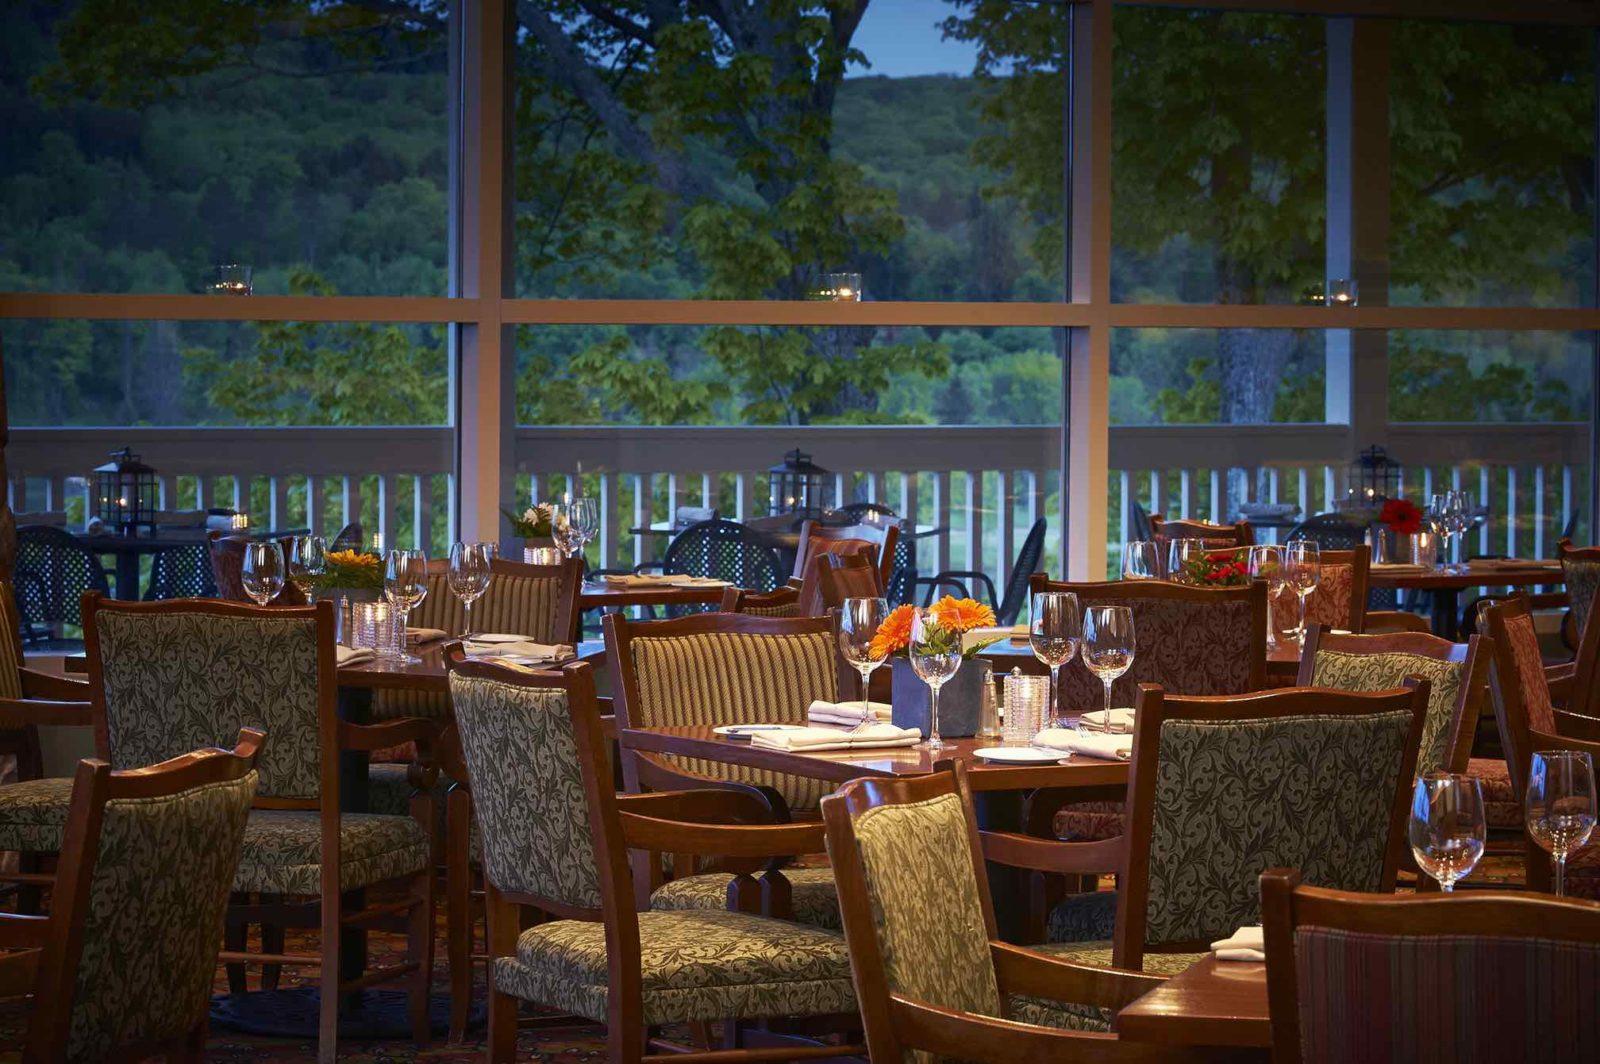 Interior view of Eclipse restaurant at Deerhurst Resort in Huntsville